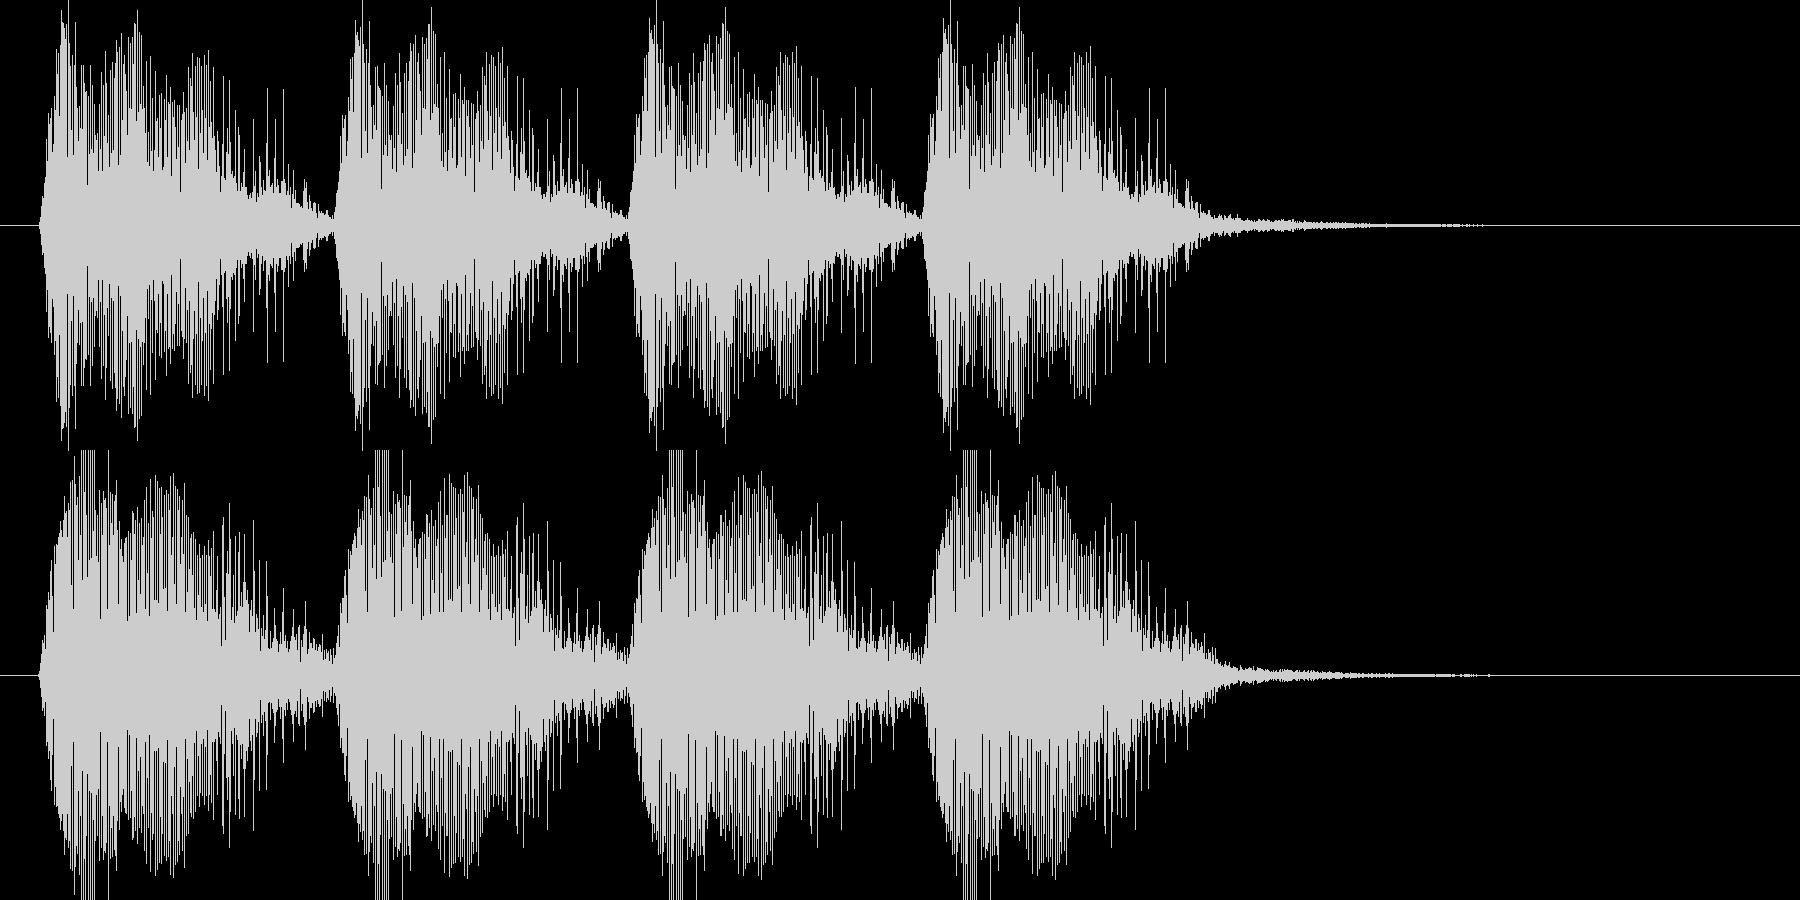 近未来的乗り物のサイレン音の未再生の波形